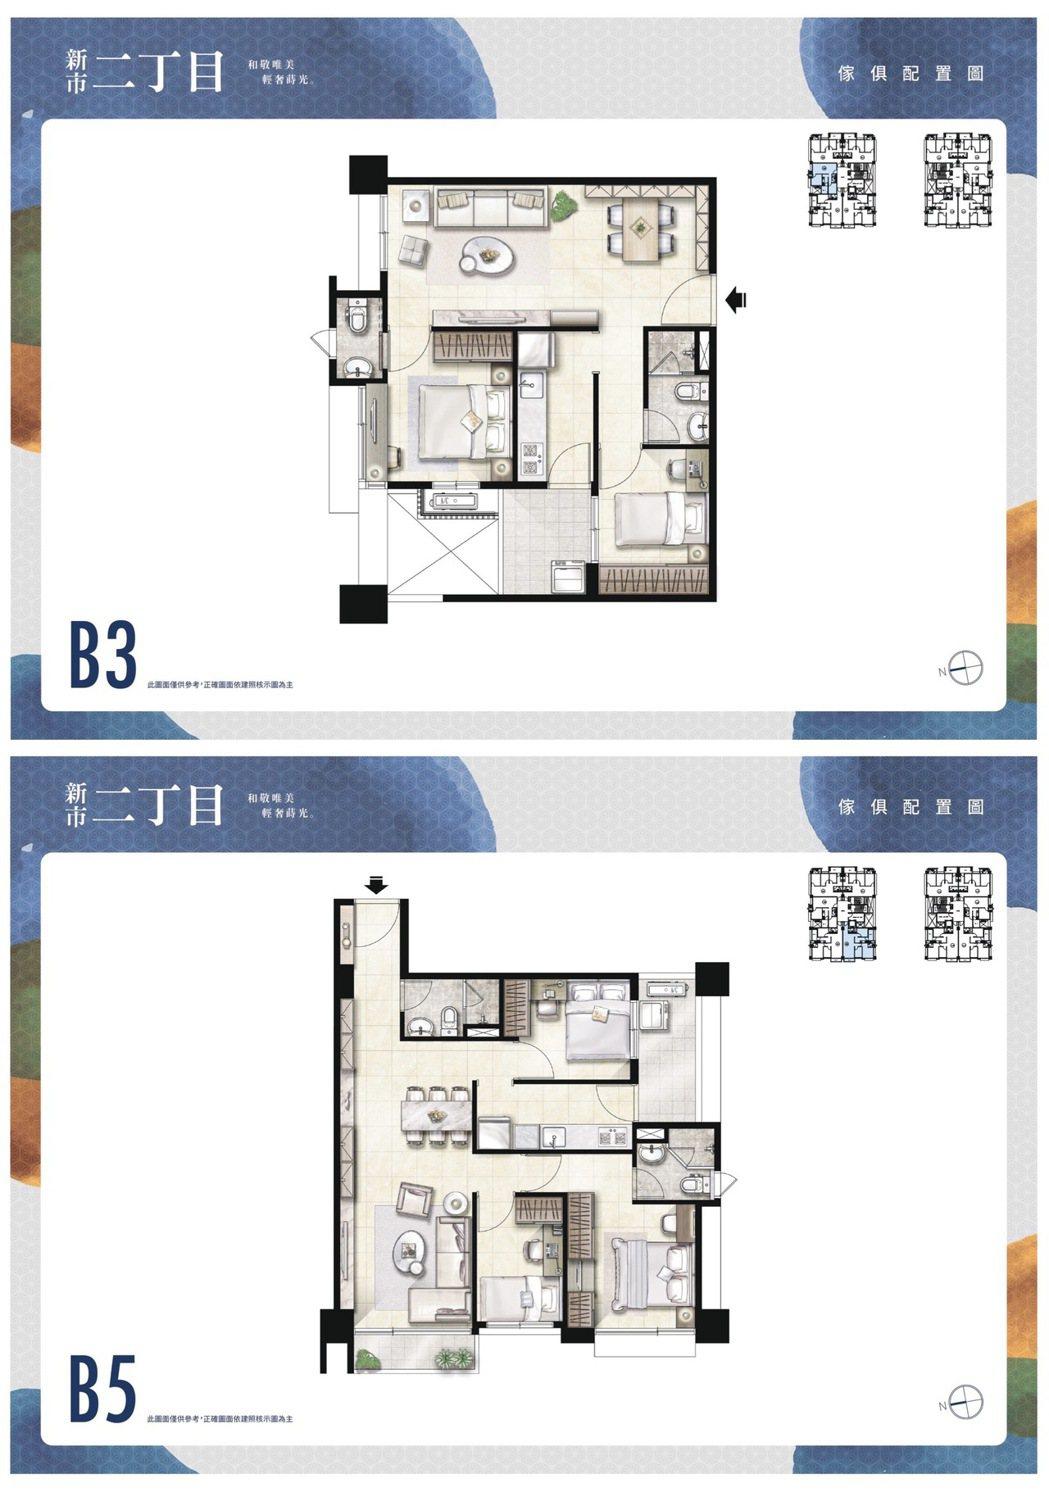 【新市二丁目】延續美好,規劃2-3房,雙衛浴的貼心設計,貼近現代居家使用。(圖為...